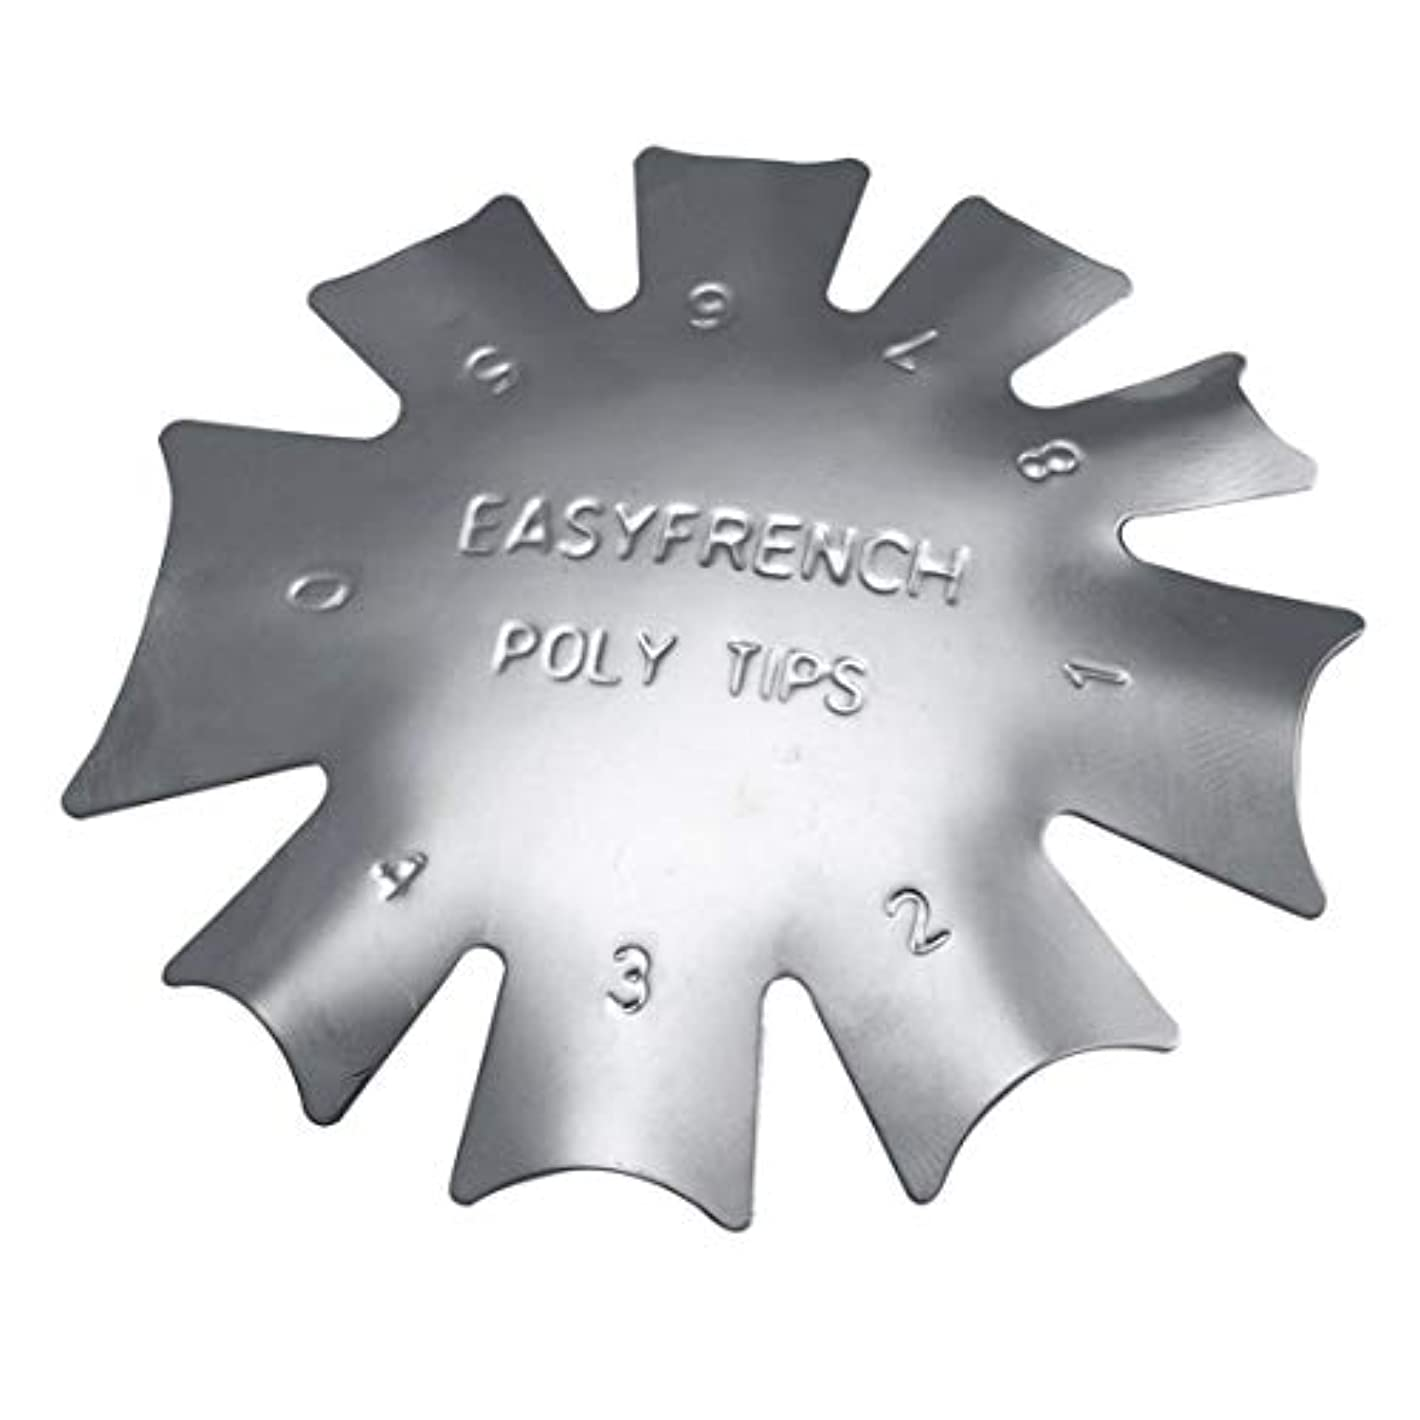 船員ドリンク酔う3ピース/セット丈夫な金属ステンレス鋼フレンチマニキュアモデリング整形プレートクリスタルネイル作りスタンピングプレート